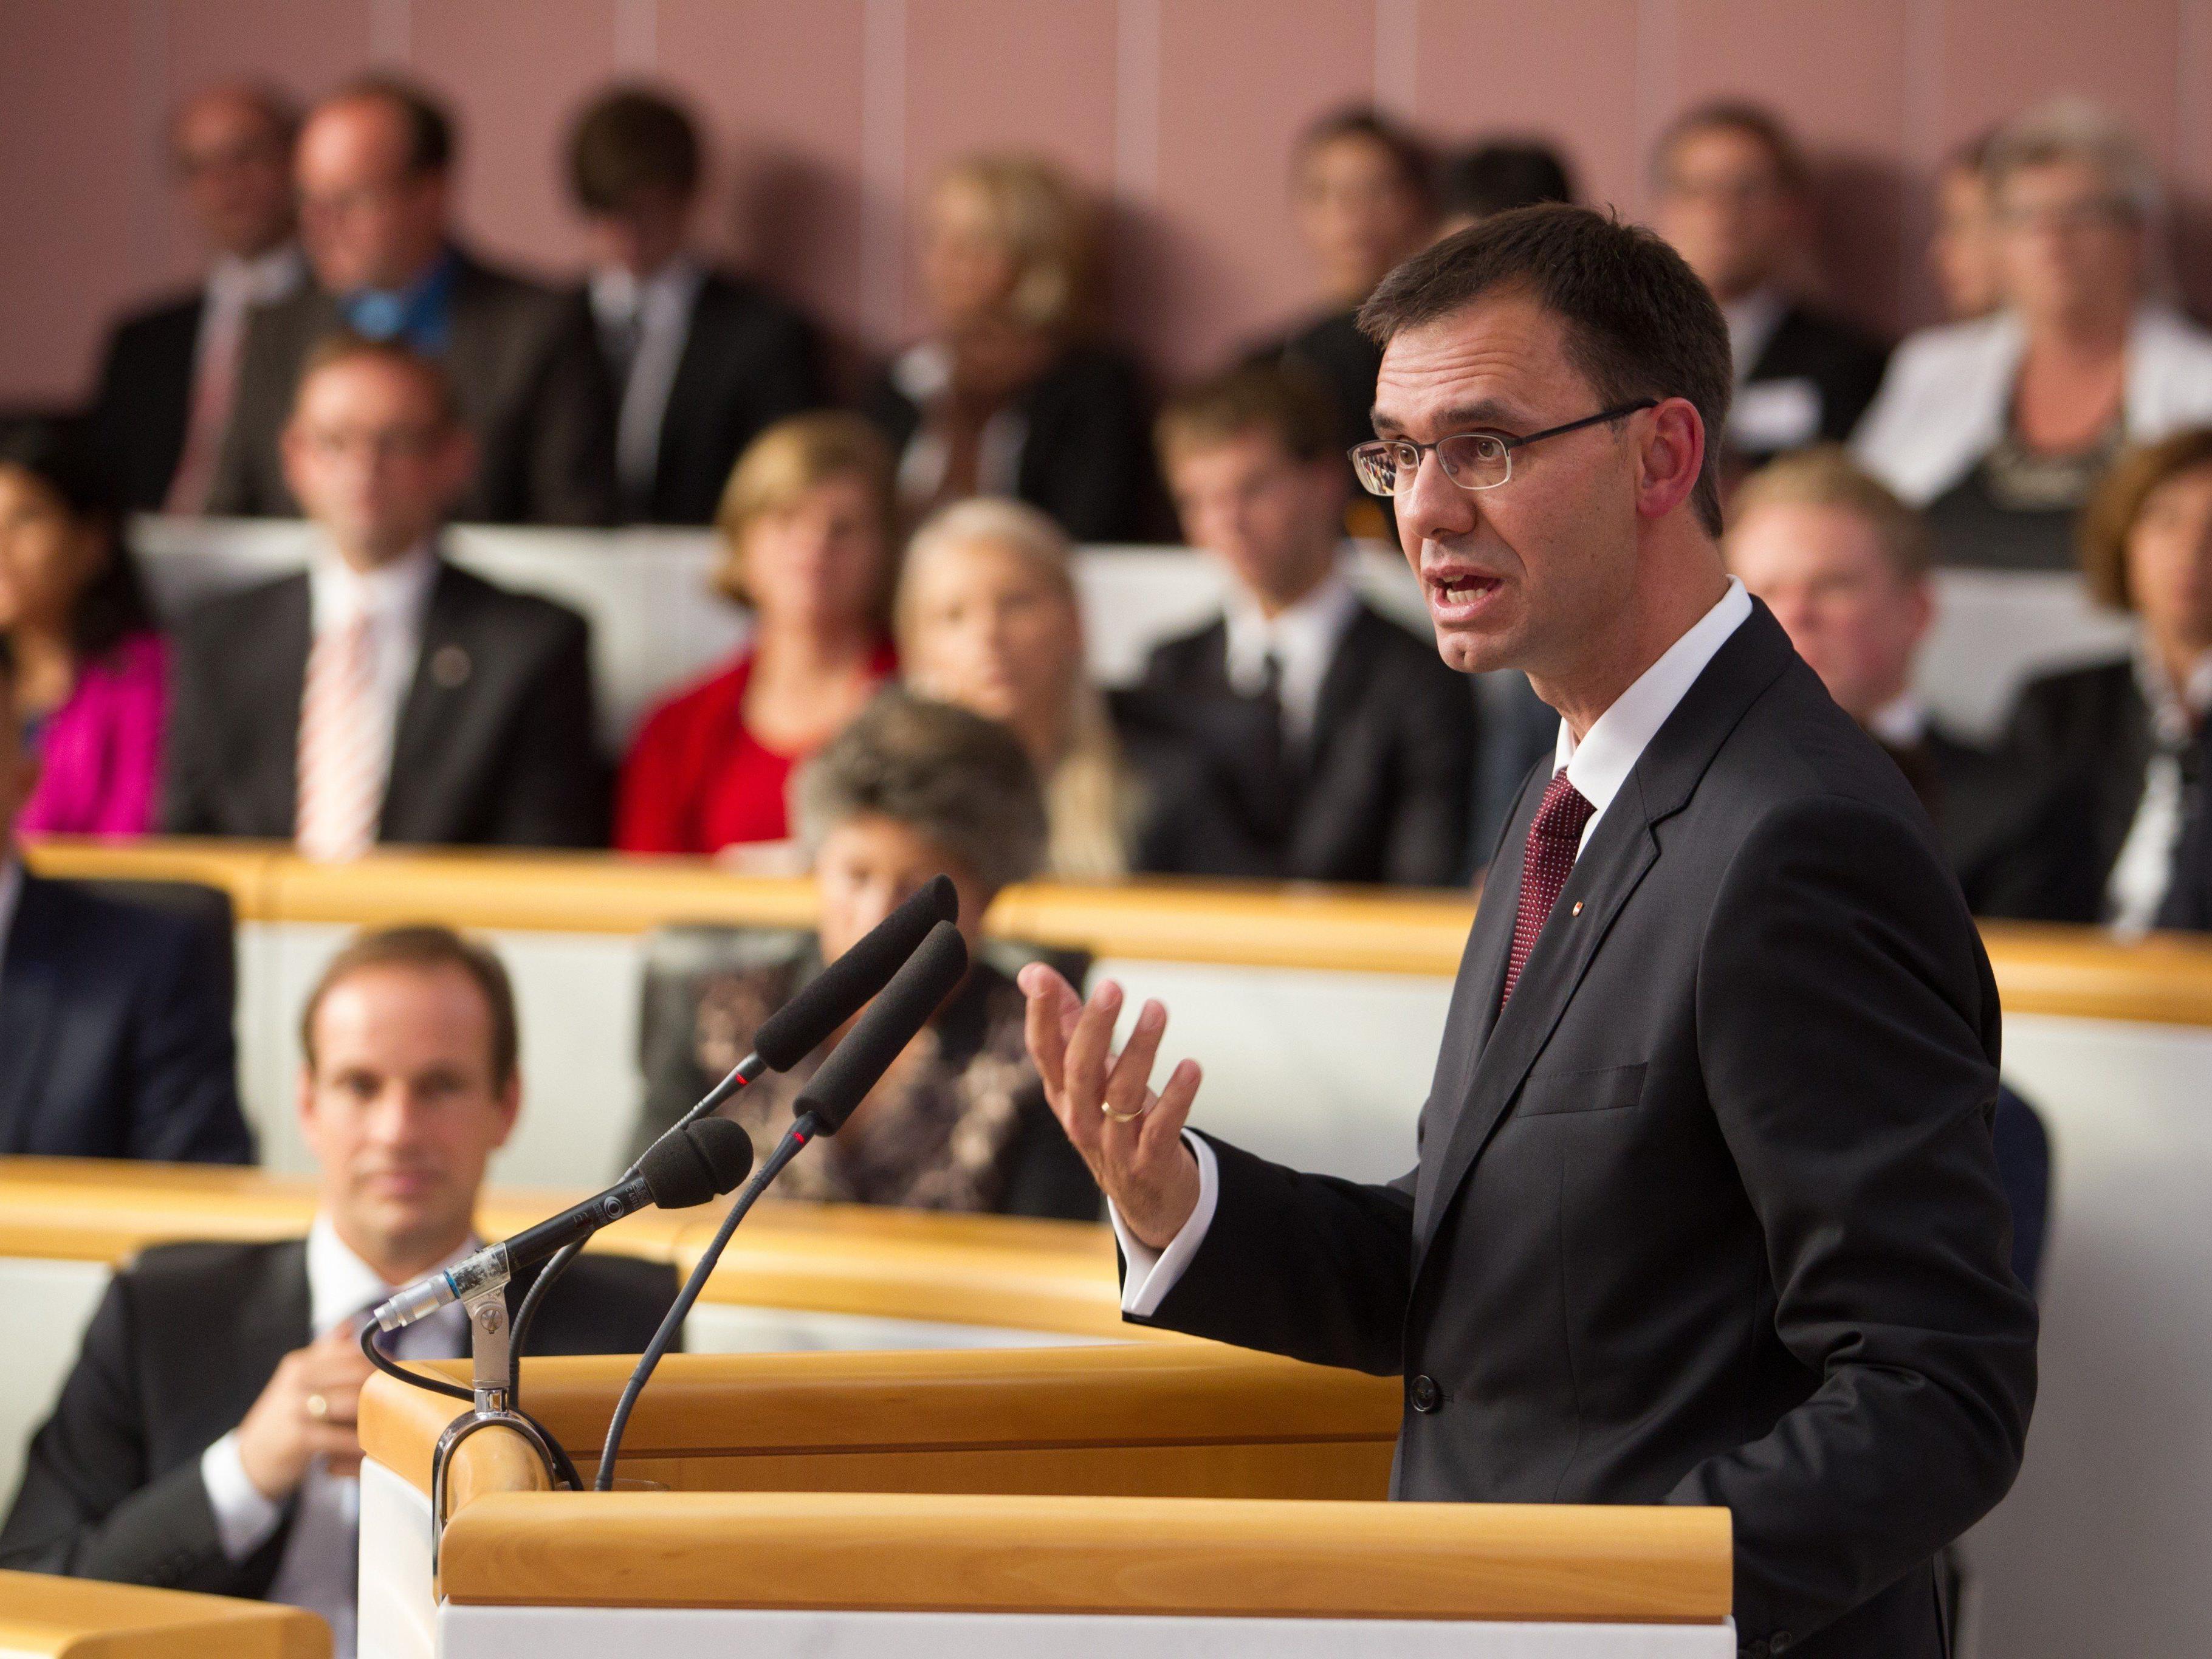 Landeshauptmann Wallner spricht sich klar gegen Legalisierung aus.